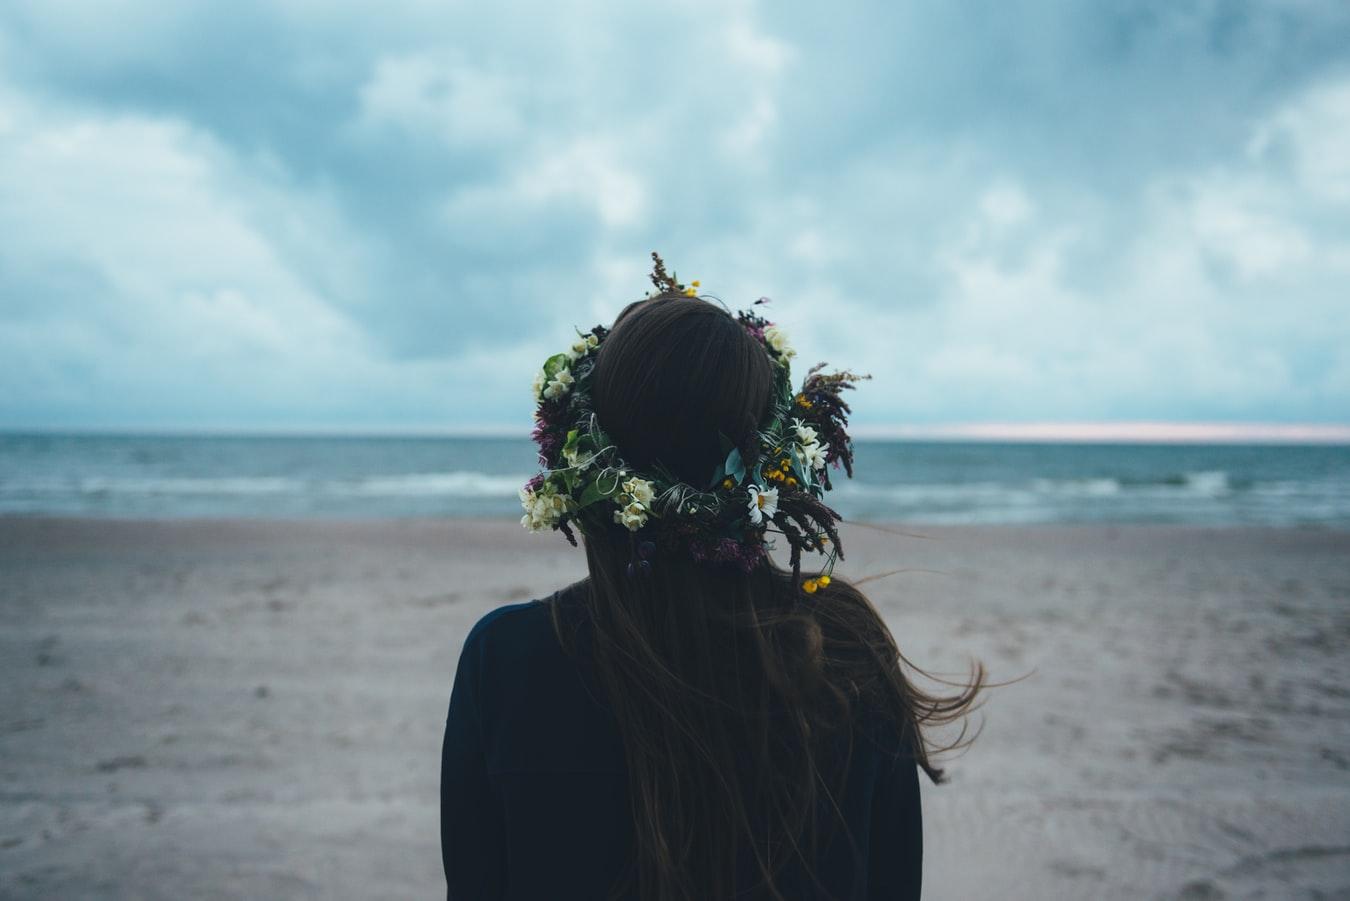 венок из цветов на голове брюнетки на берегу моря